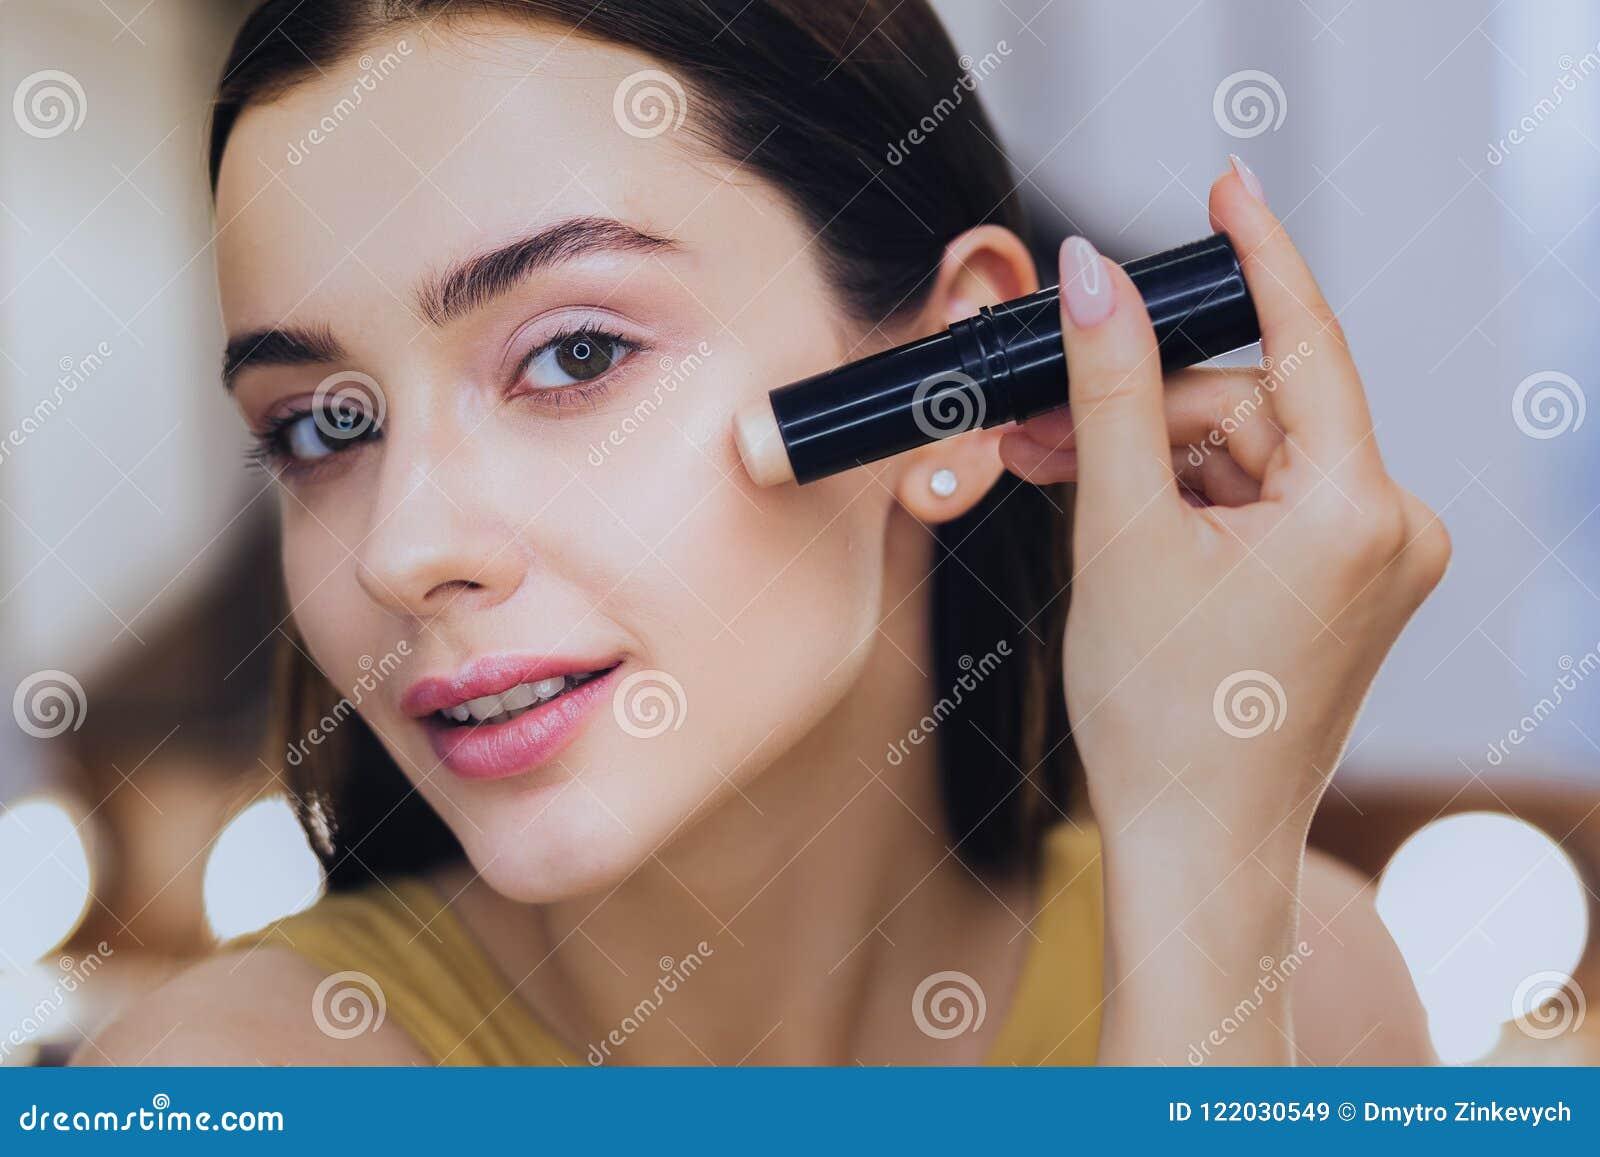 Charmig kvinna som använder täckstiftpinnen, medan sätta på makeup